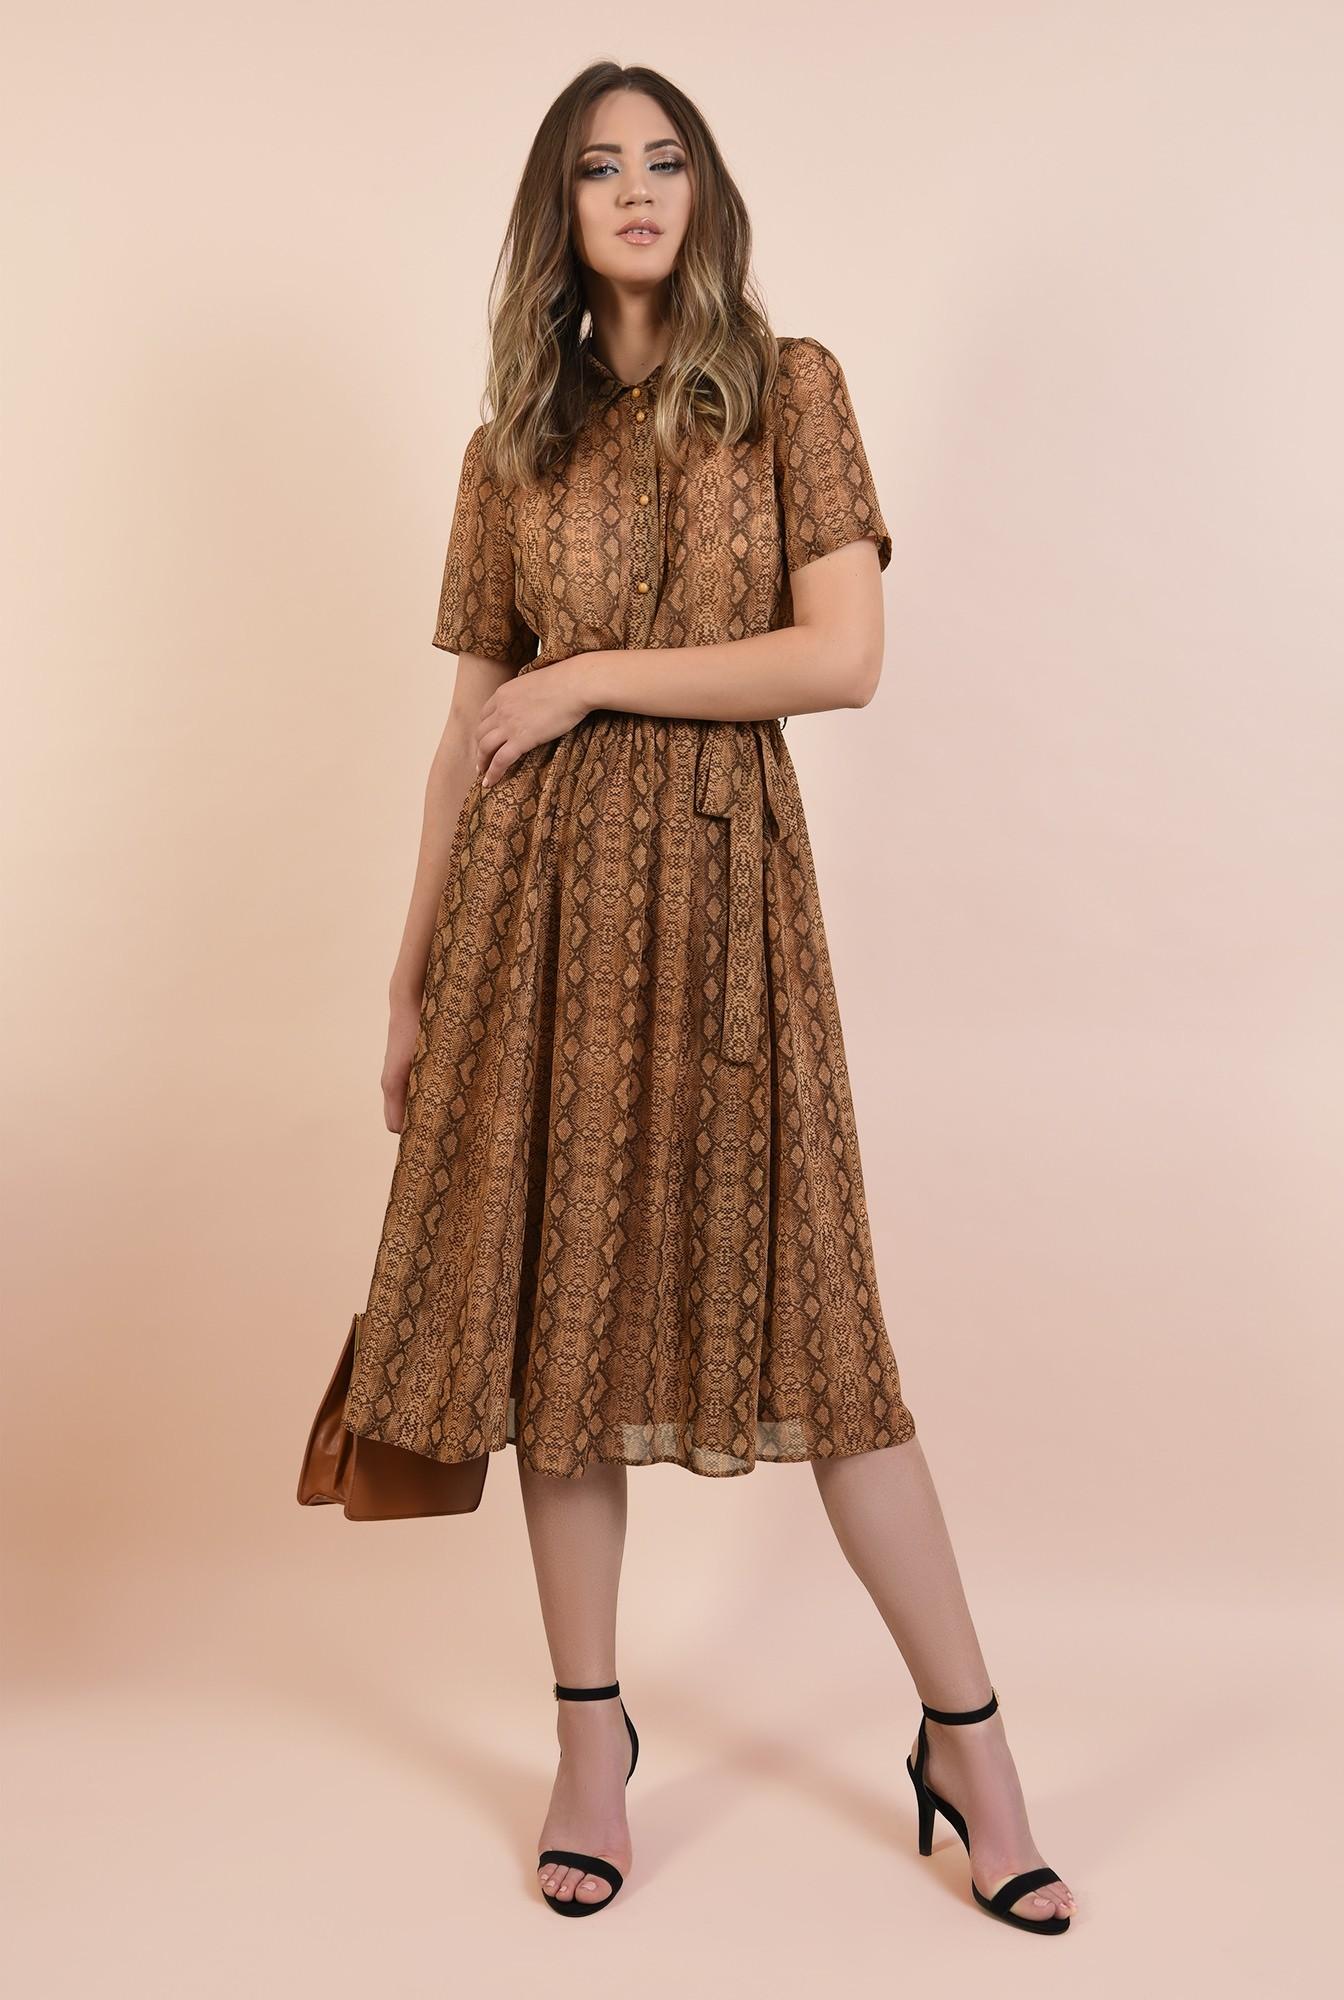 0 - rochie casual, evazata, din voal imprimat, cu guler ascutit, maneci scurte, Poema